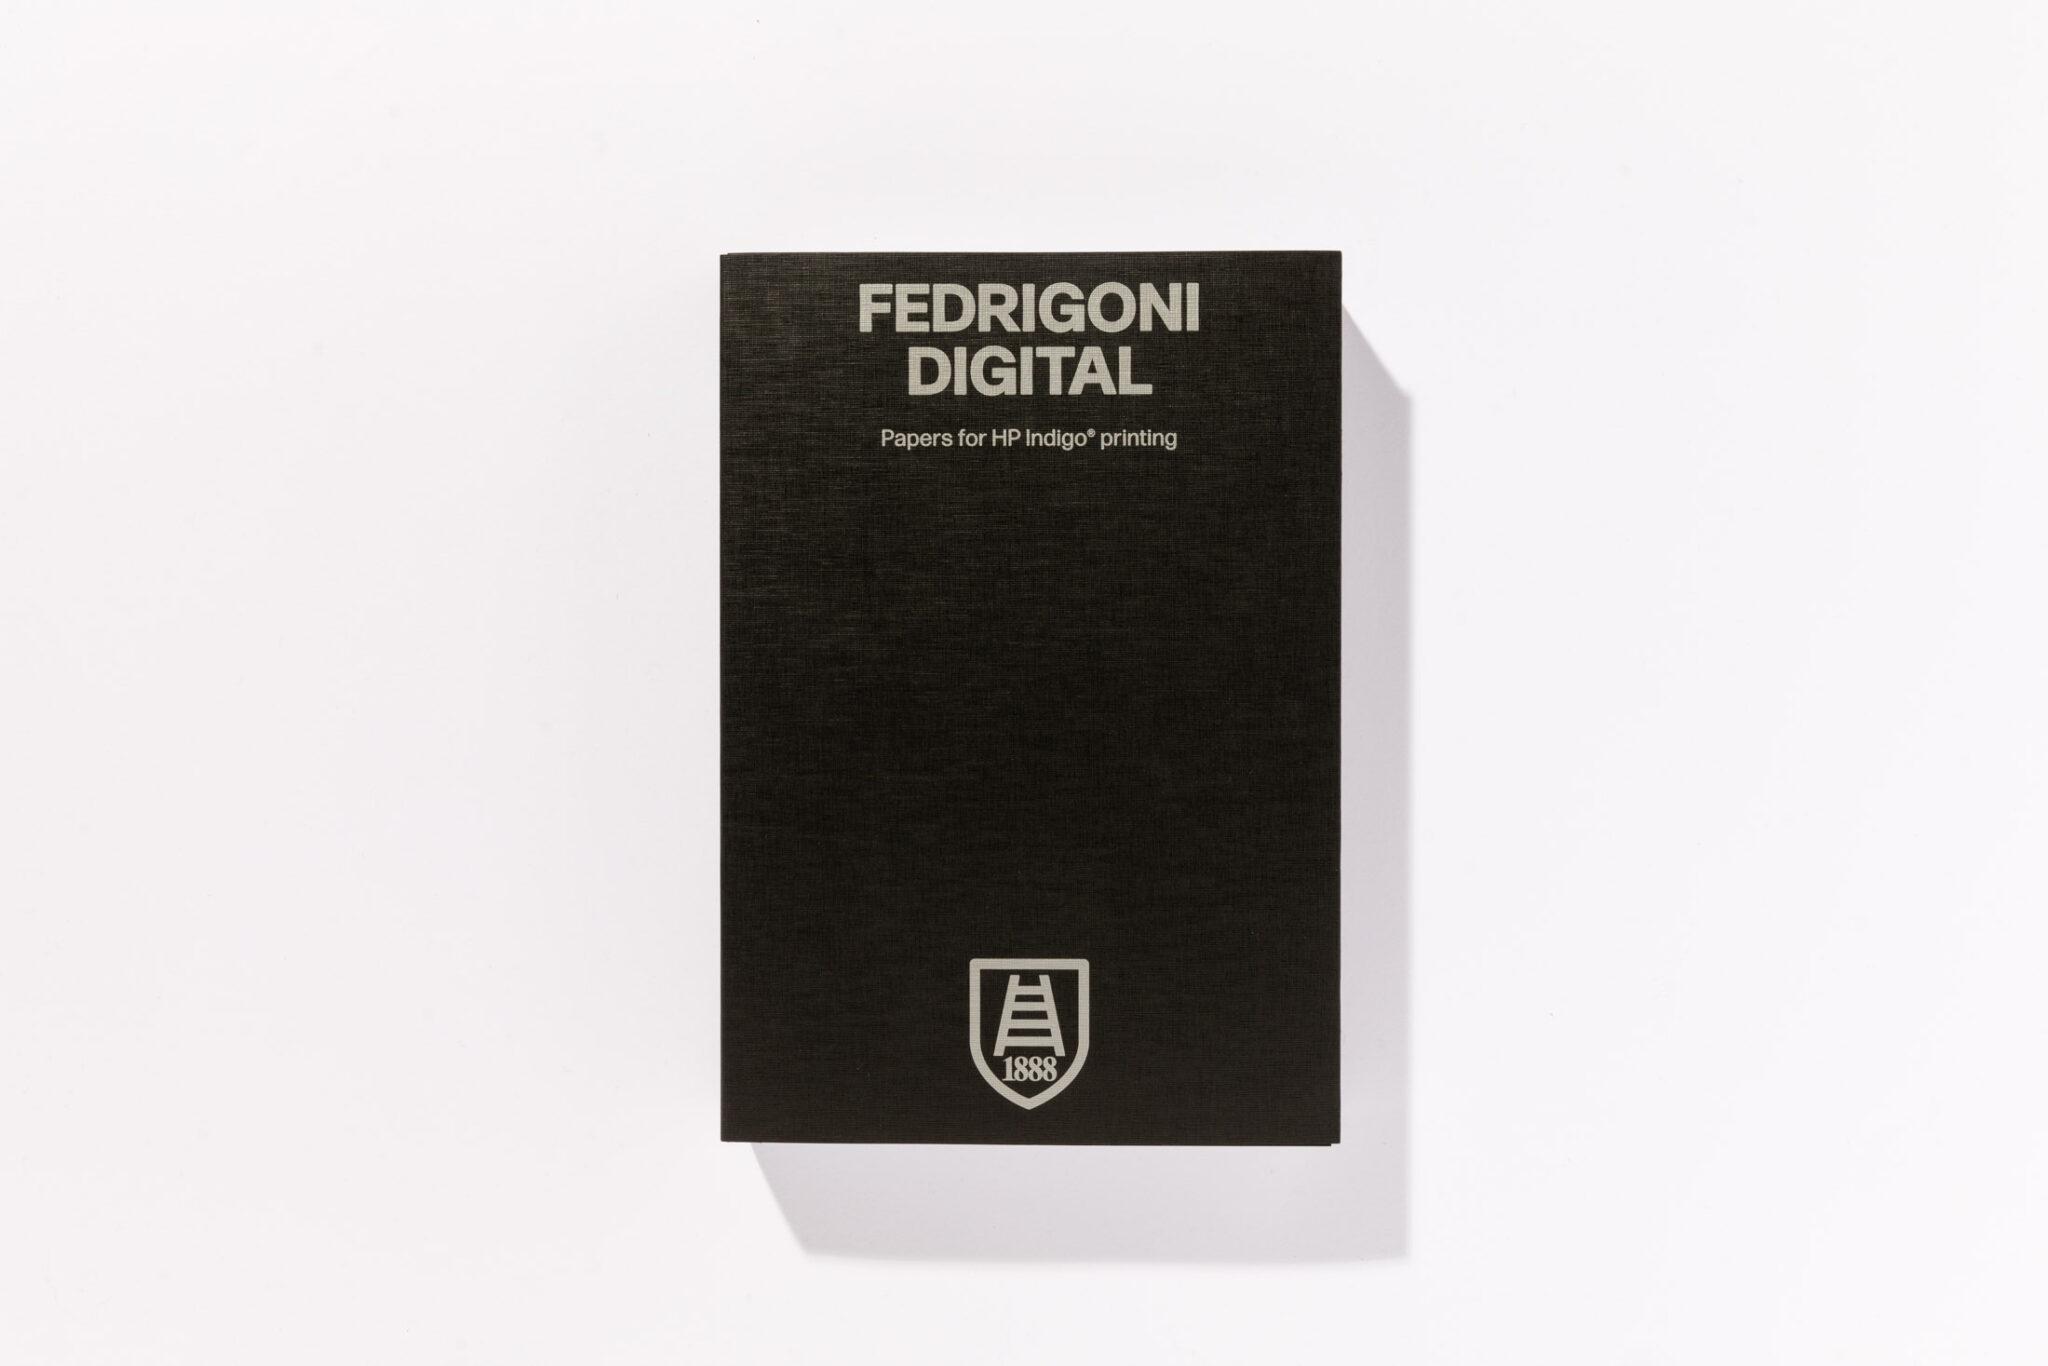 Fedrigoni Digital